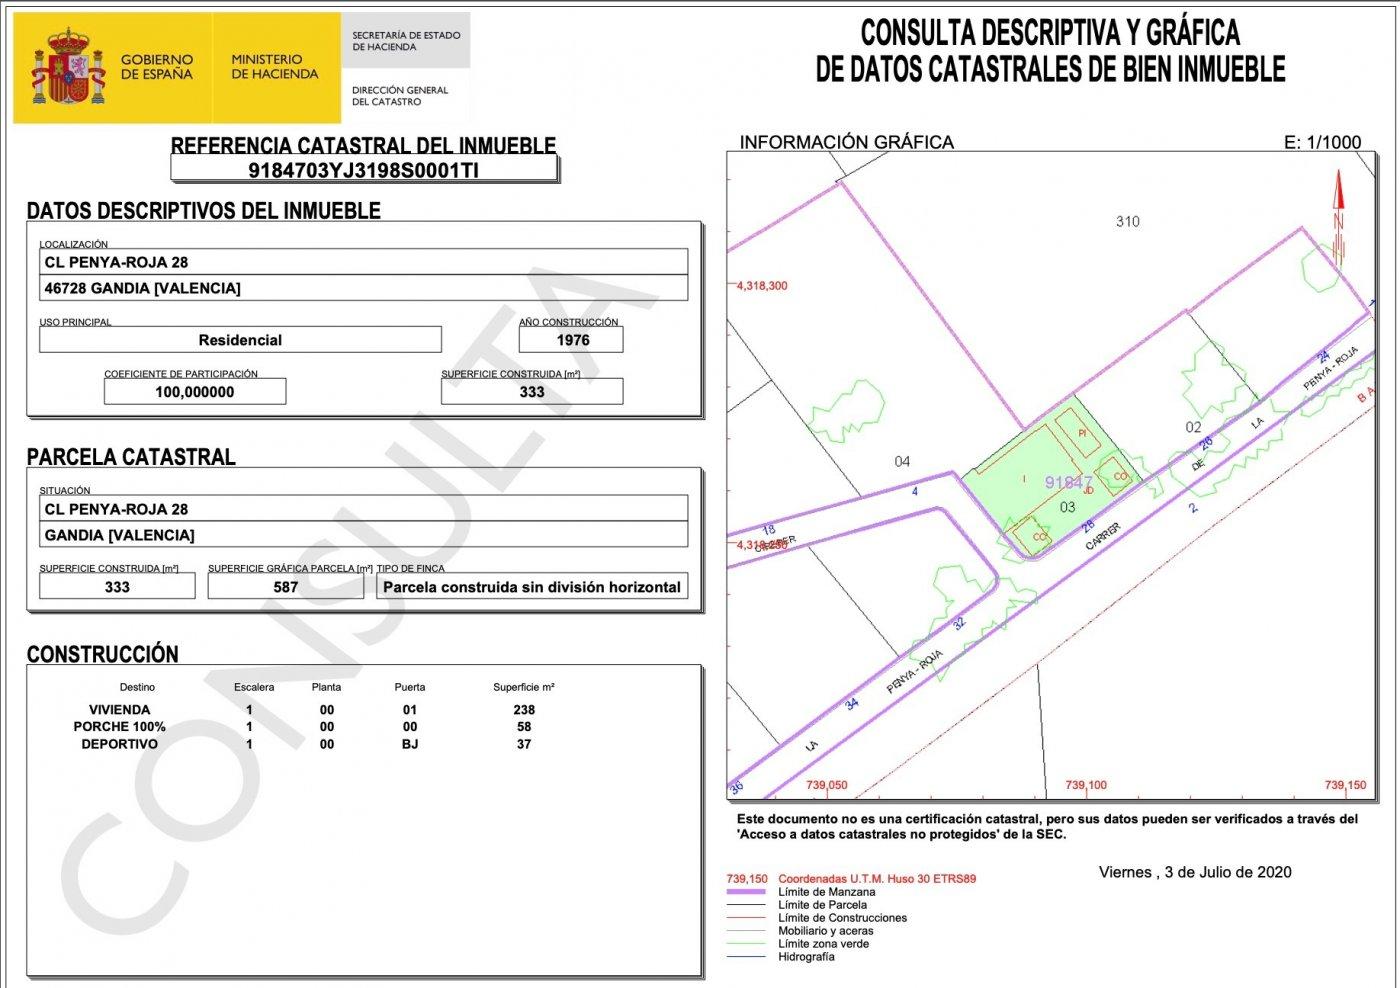 Chalet independiente en venta en calle penya-roja (de la), 28, 46728, gandia (valencia) - imagenInmueble15